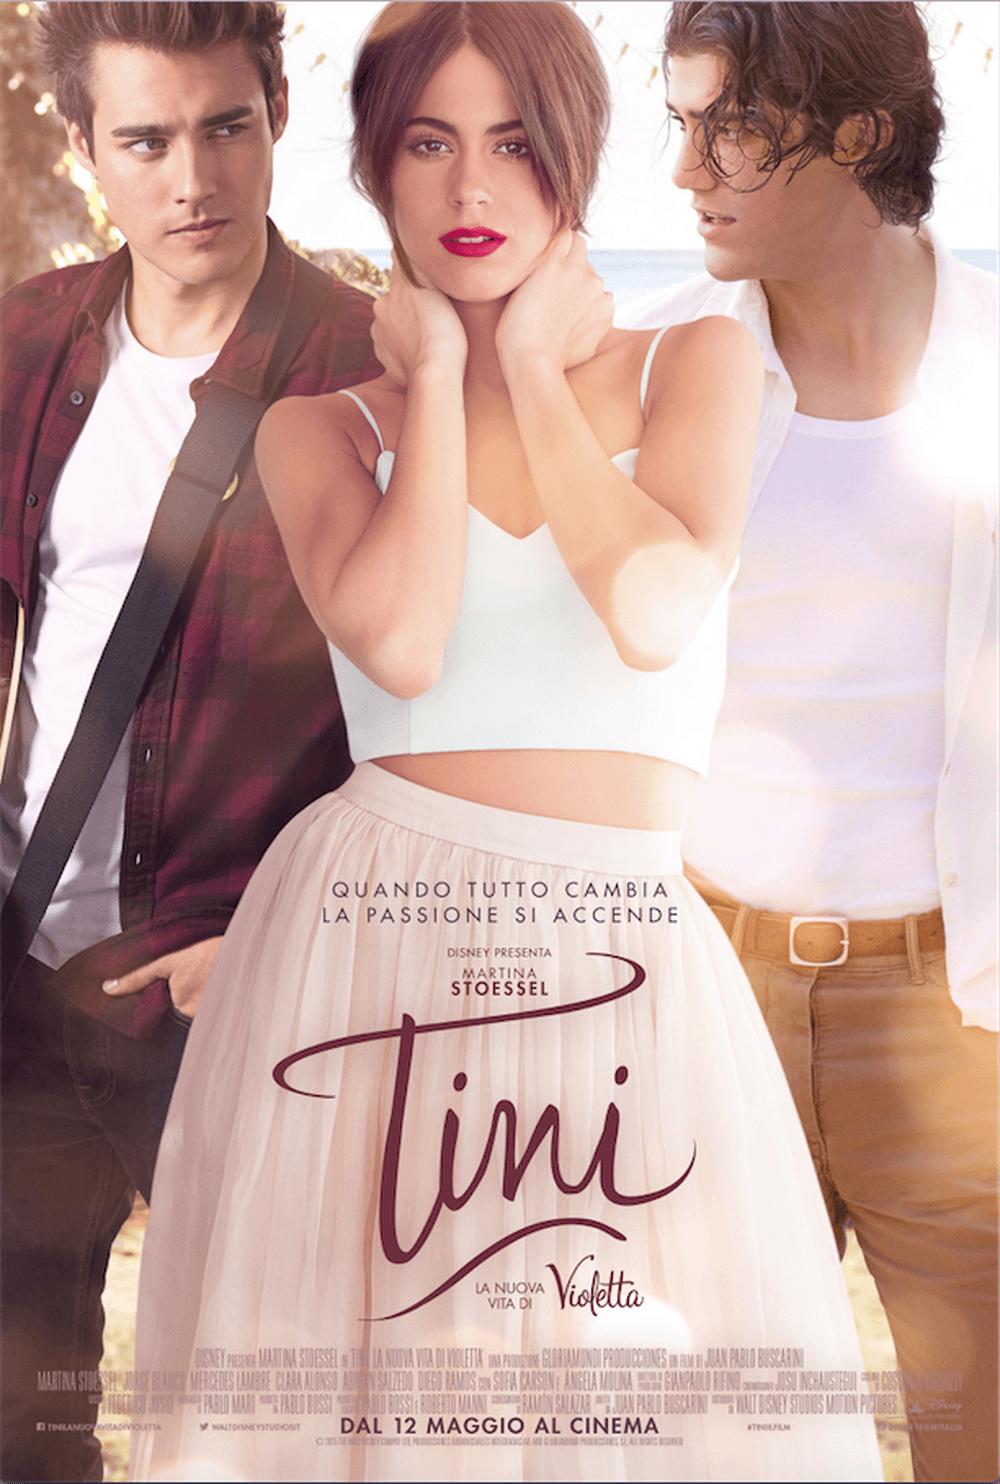 Tini – La nuova vita di Violetta: recensione